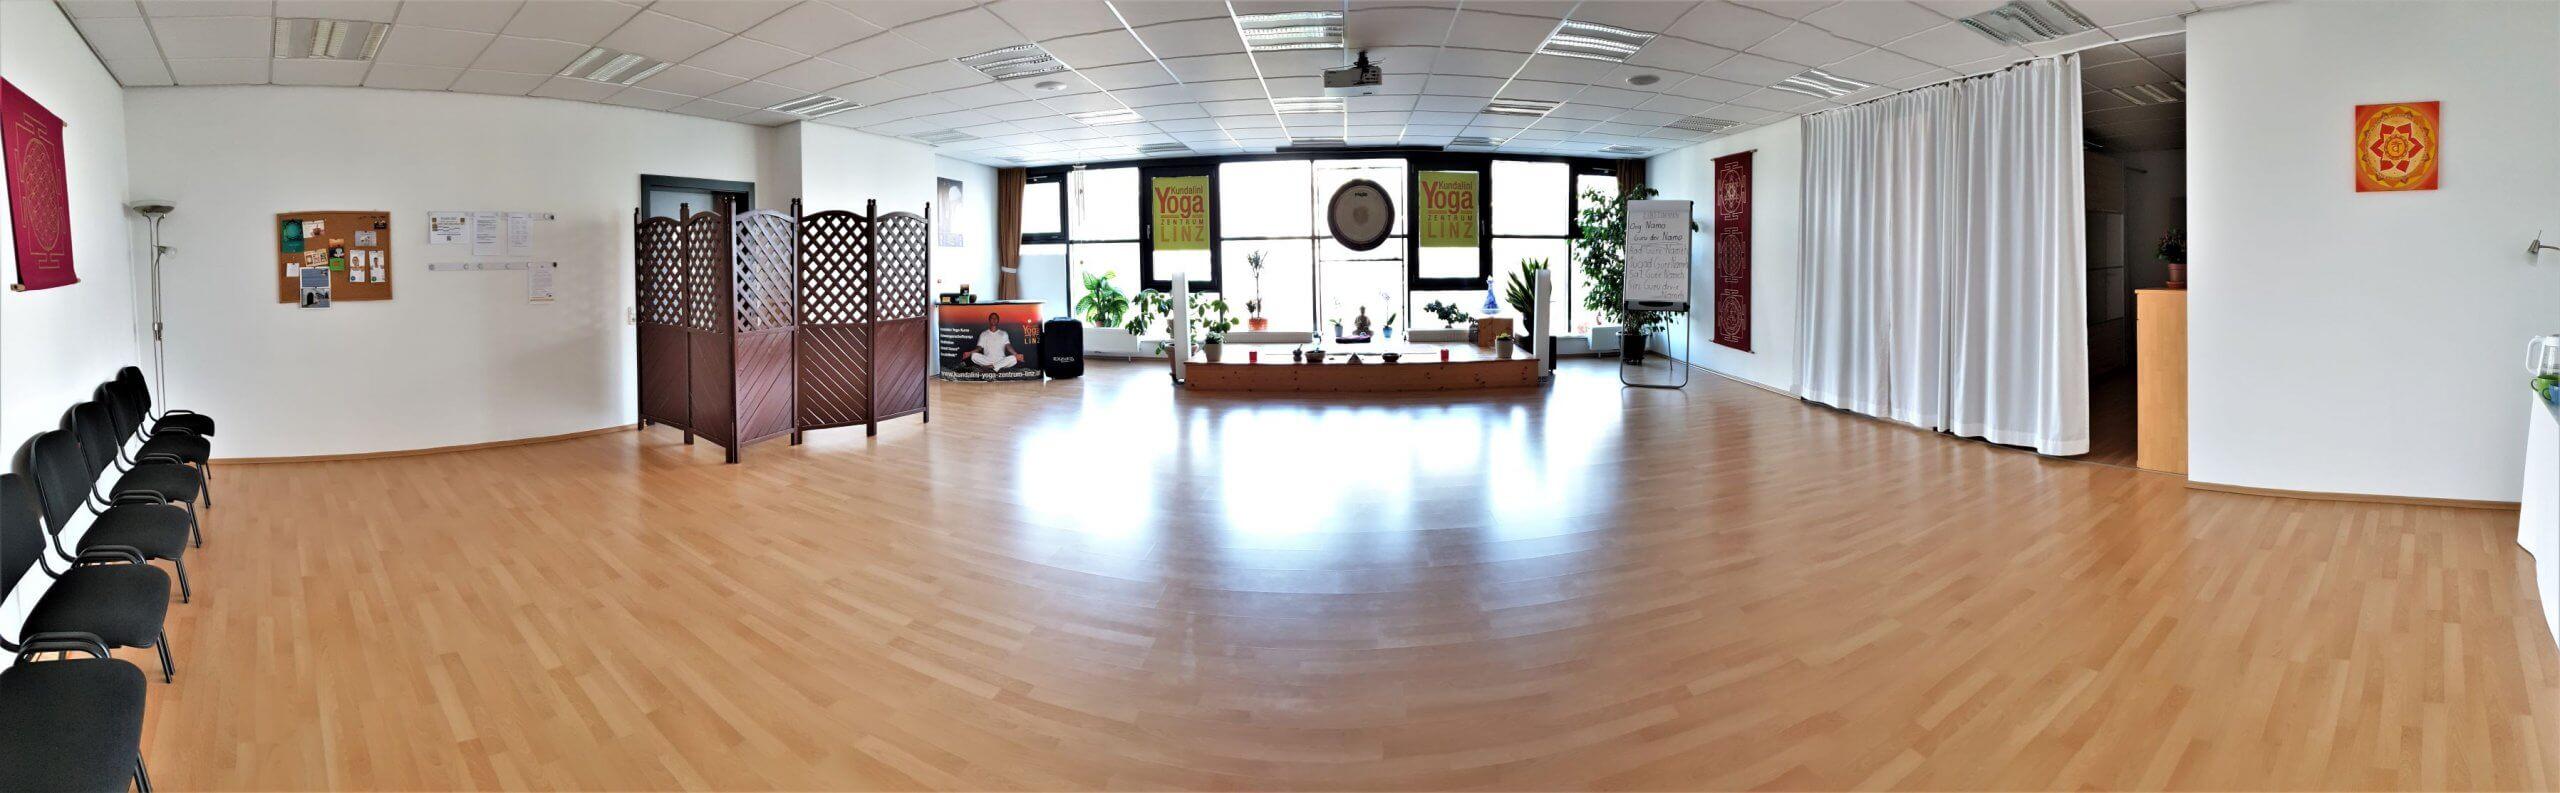 Yogaraum in Linz